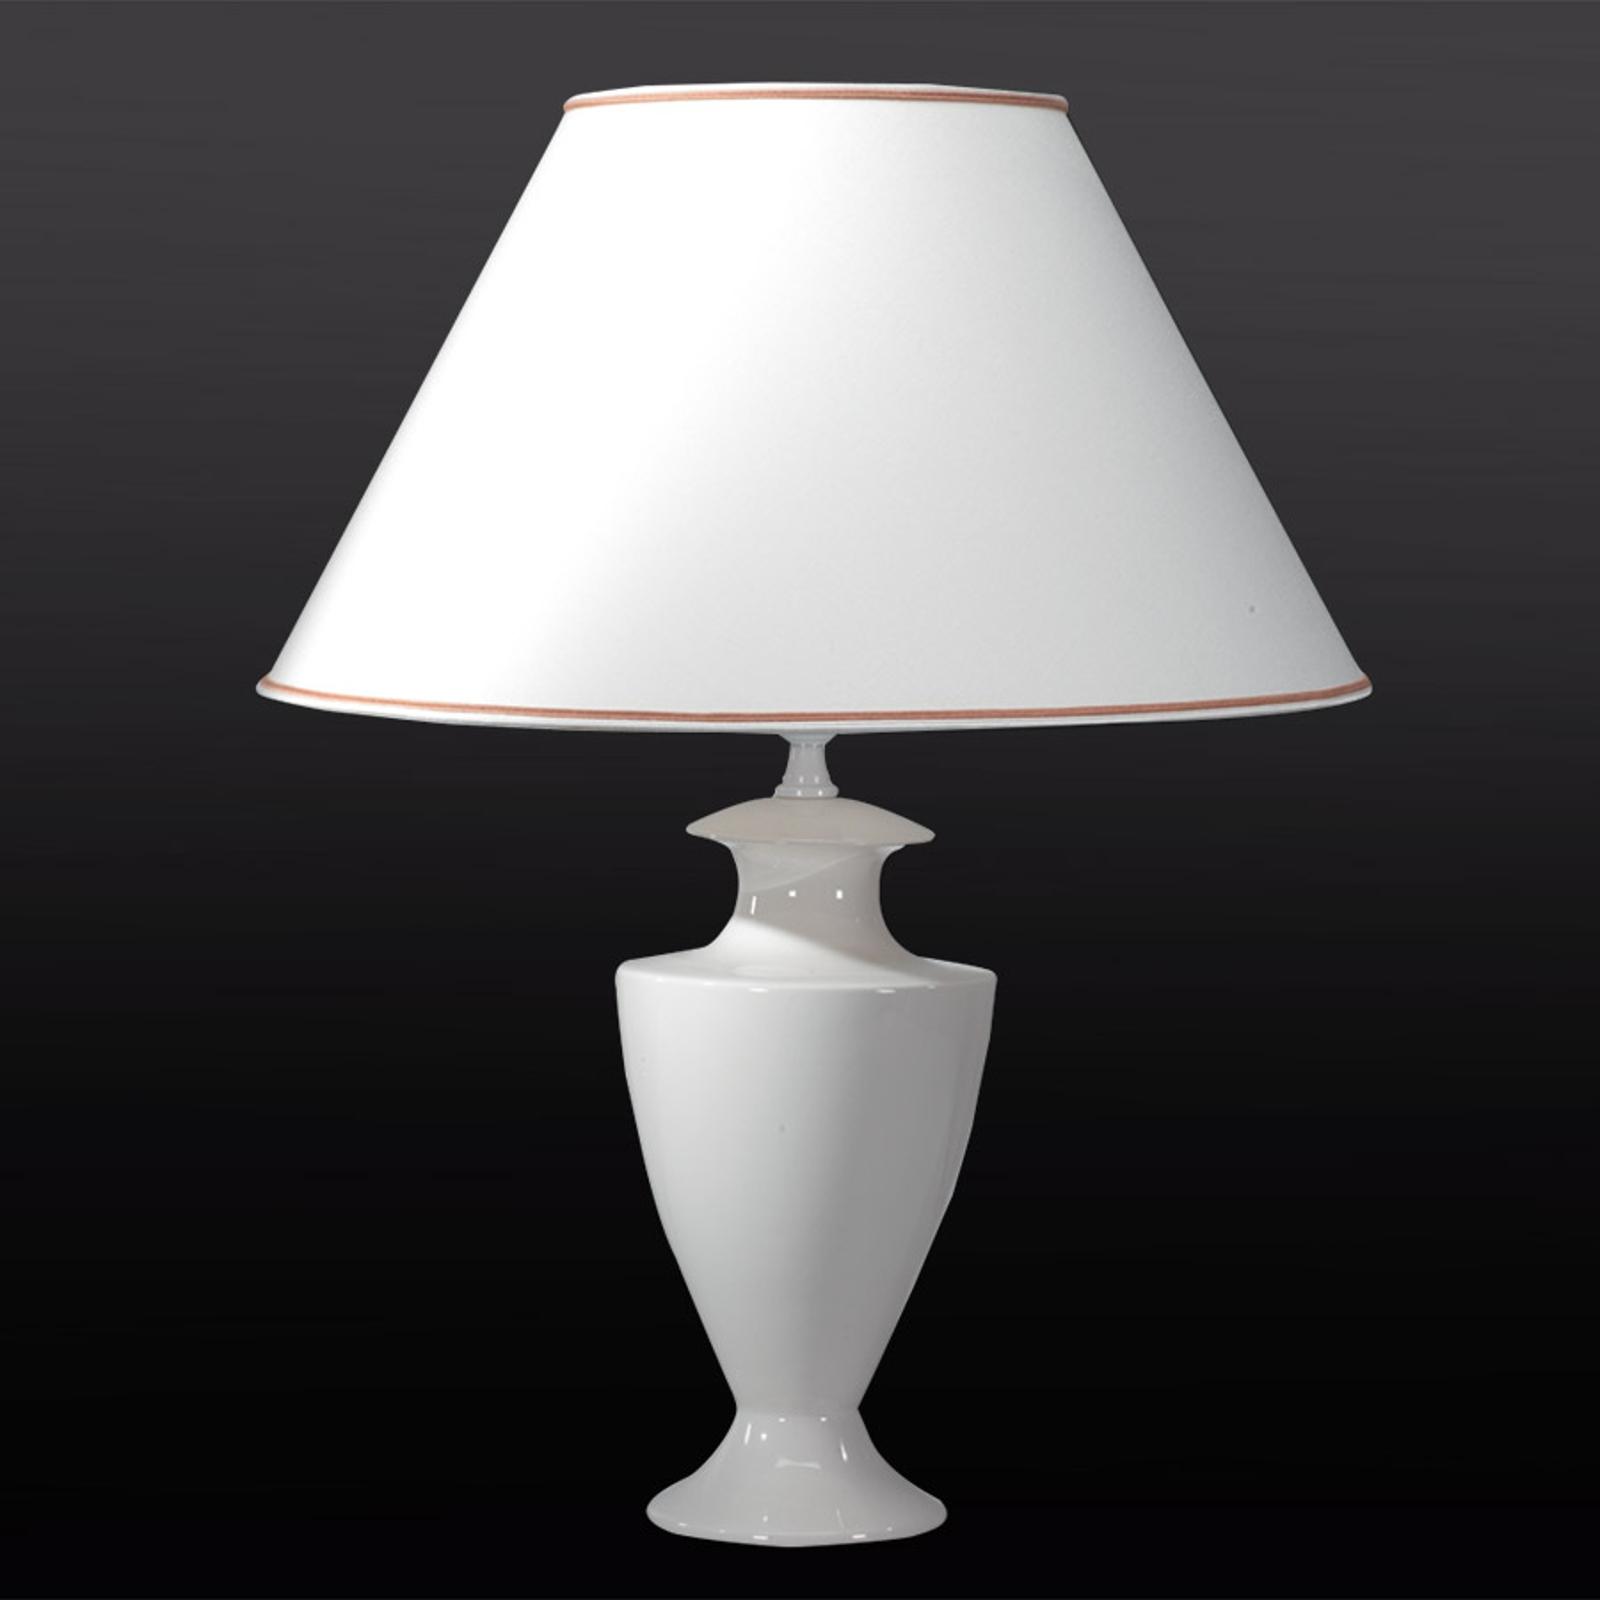 Lámpara de sobremesa Ada Craquelet 70 cm